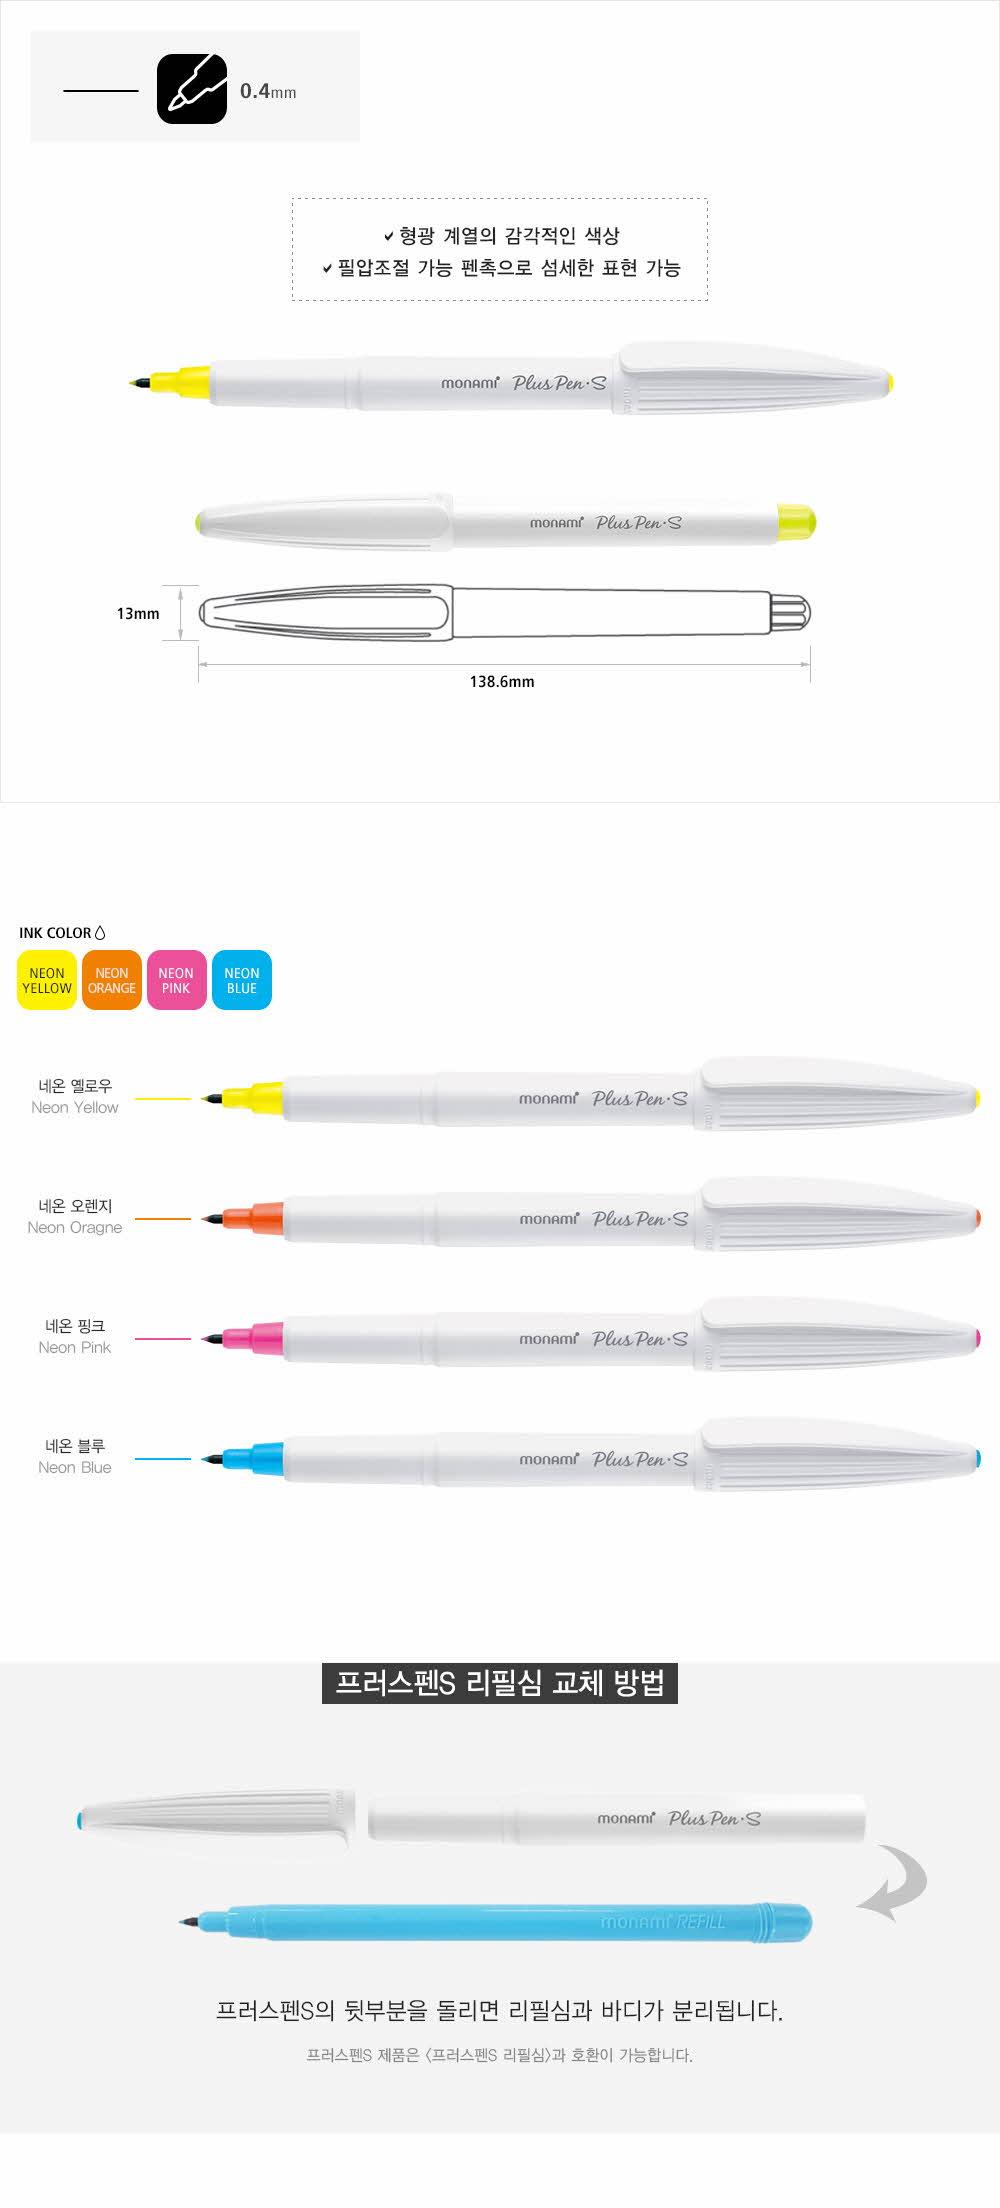 모나미 플러스펜S 네온컬러 (형광 1타스 12자루) - 모나미, 12,000원, 색연필/사인펜/크레파스, 사인펜